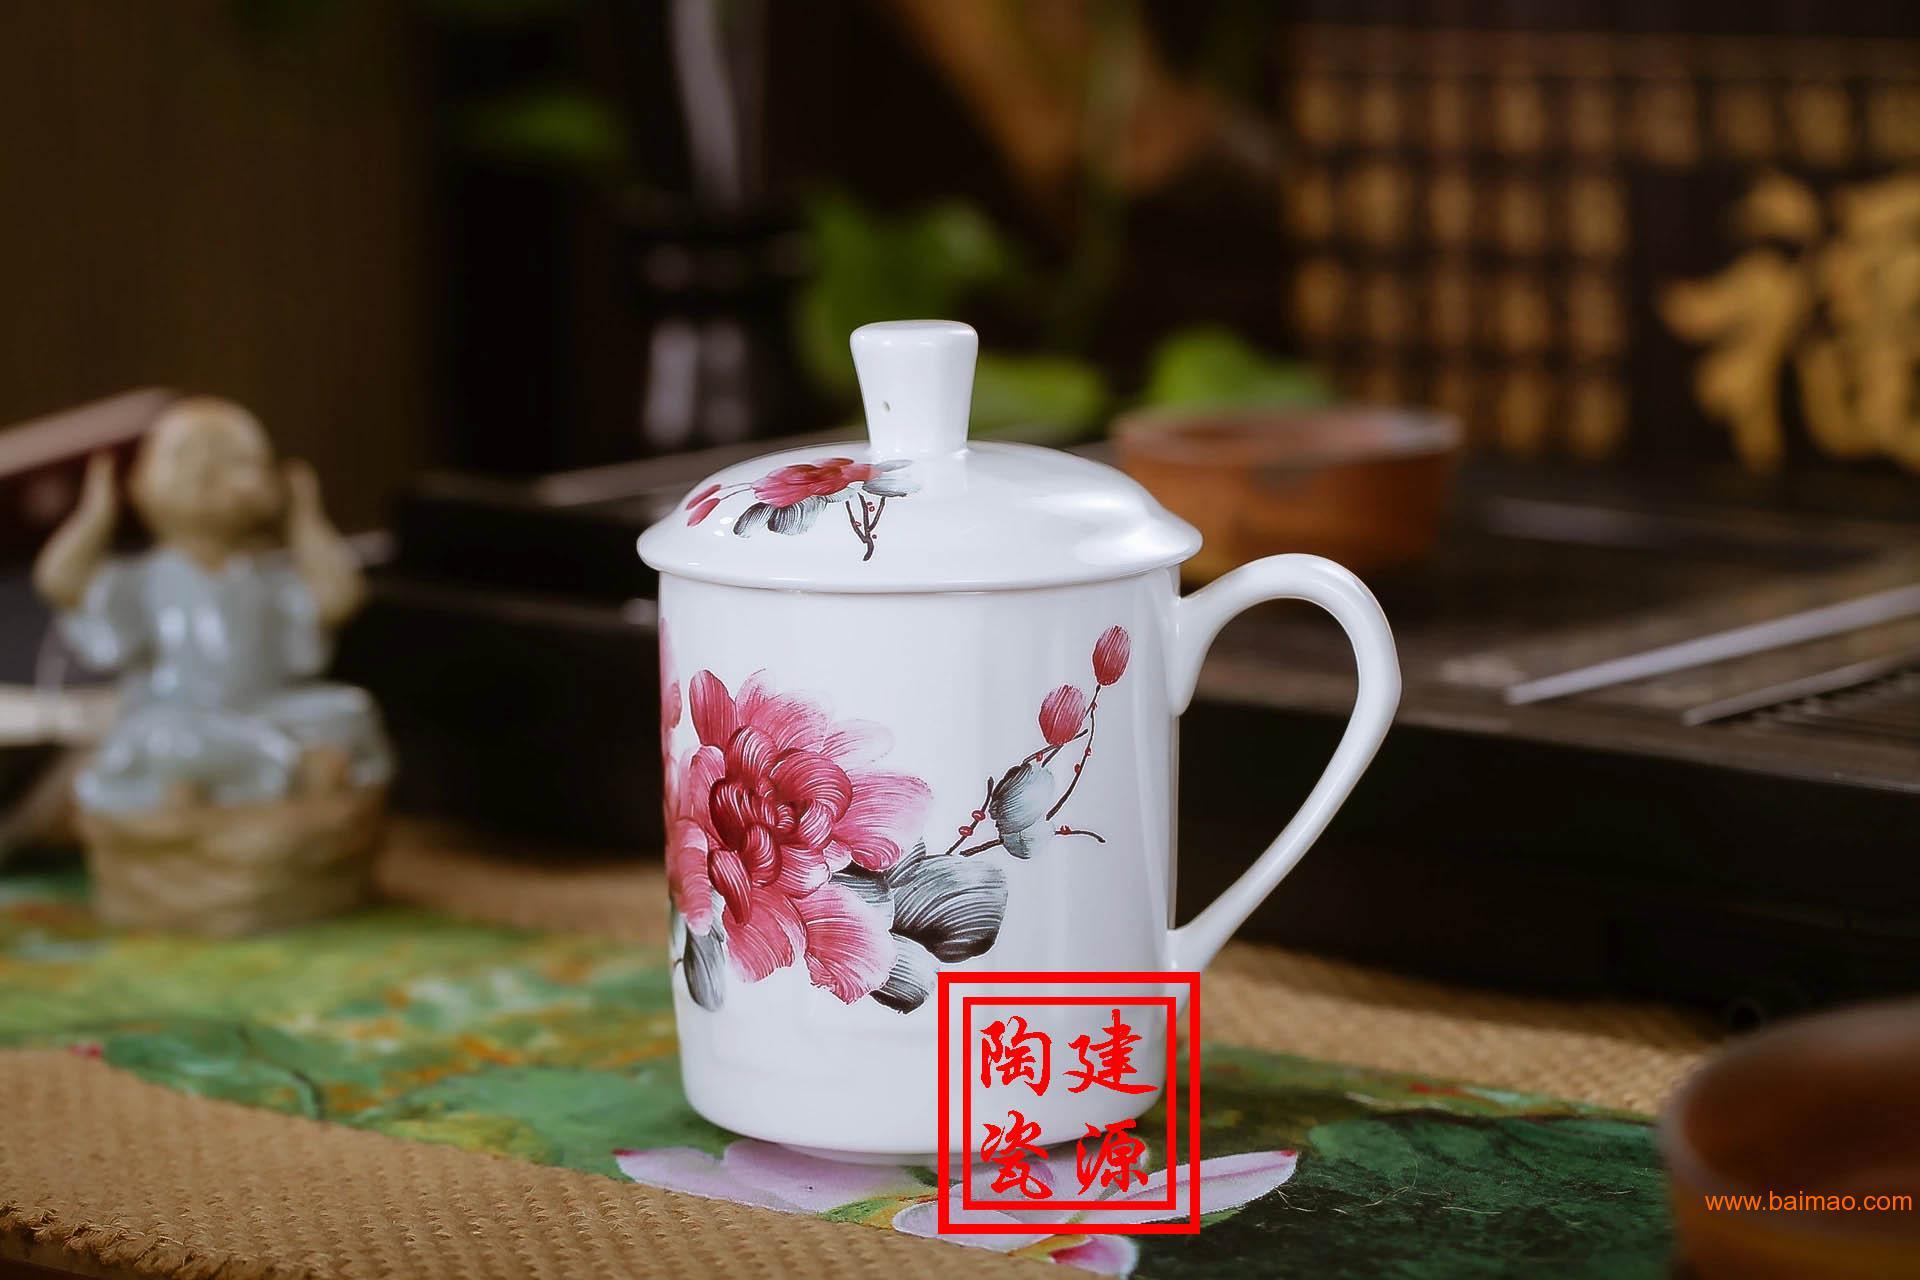 定做陶瓷茶杯 陶瓷茶杯厂家报价